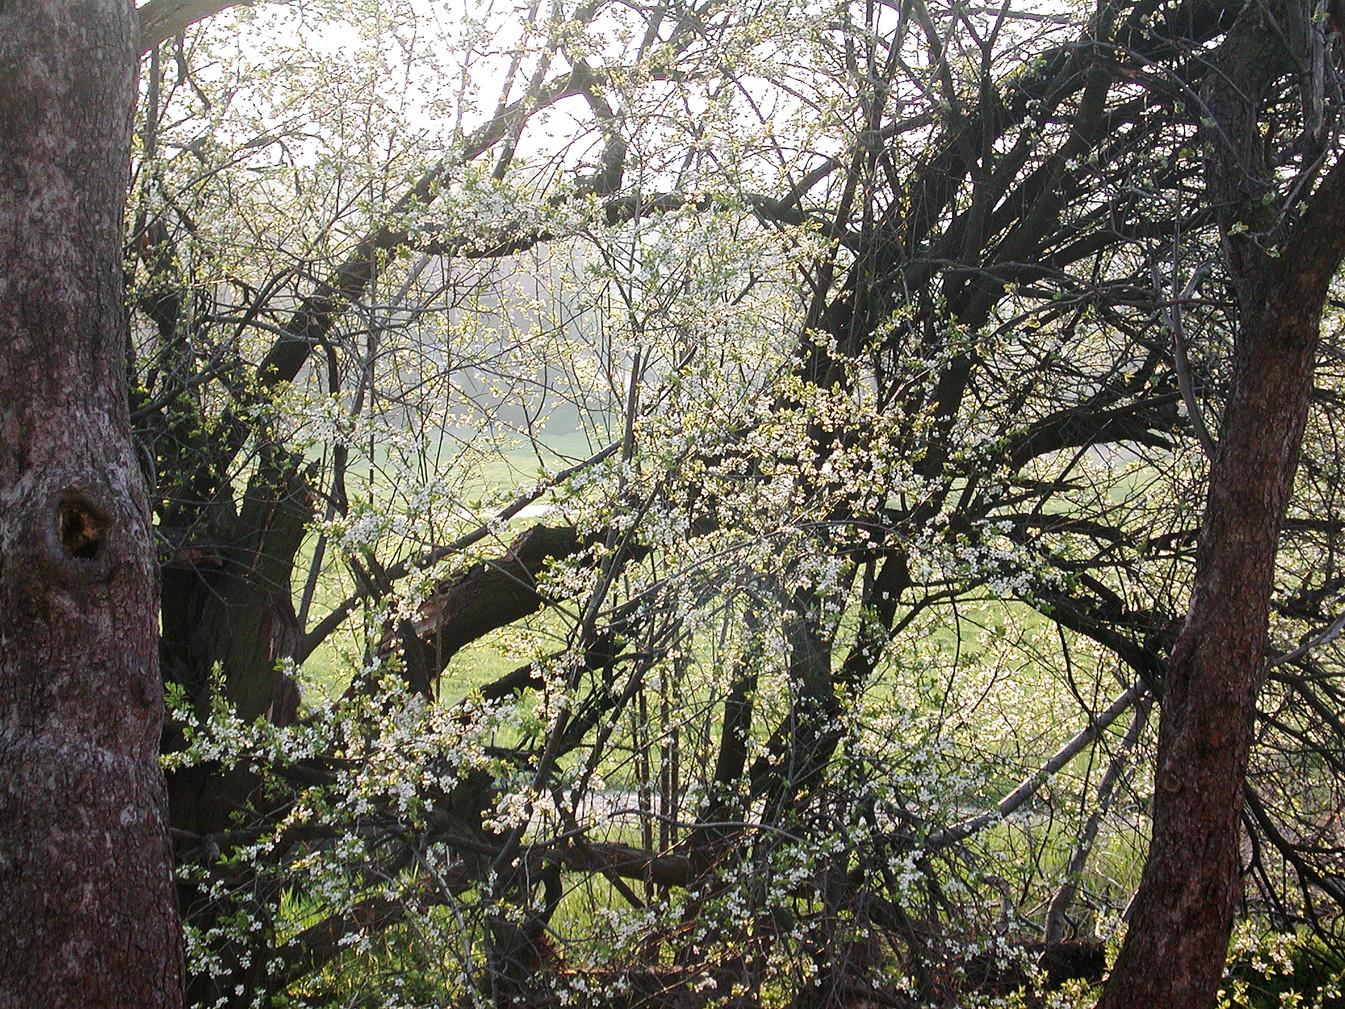 09_Von Bäumen, 2004, Fotografie, 30 x 40